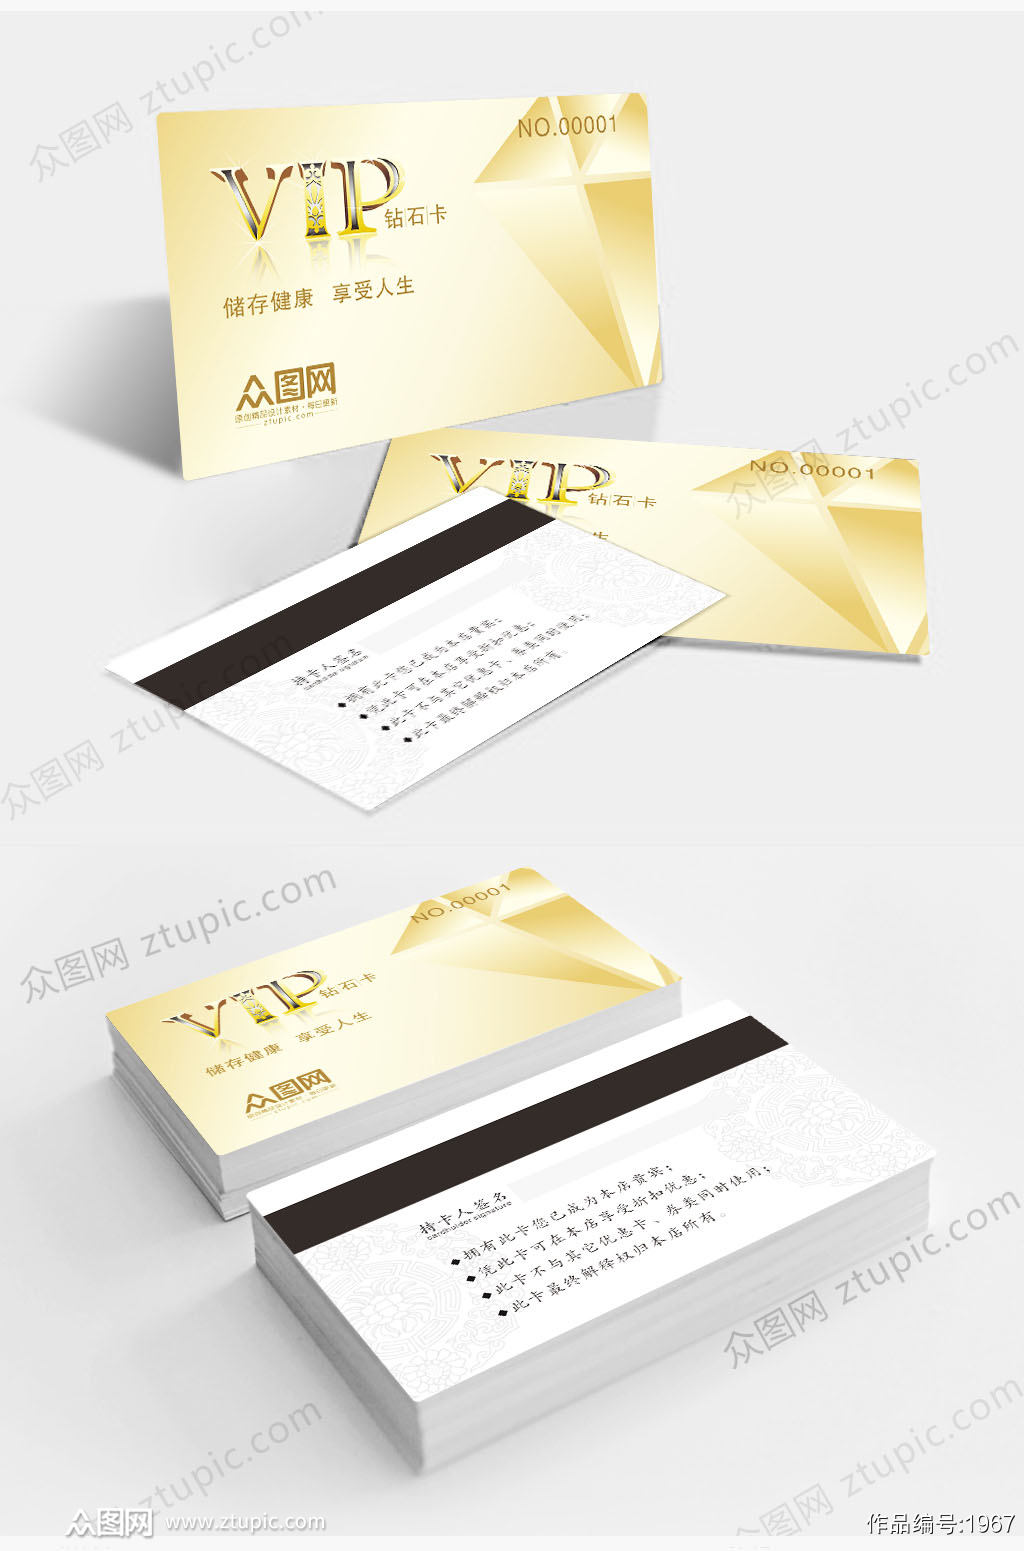 金色商场VIP卡素材